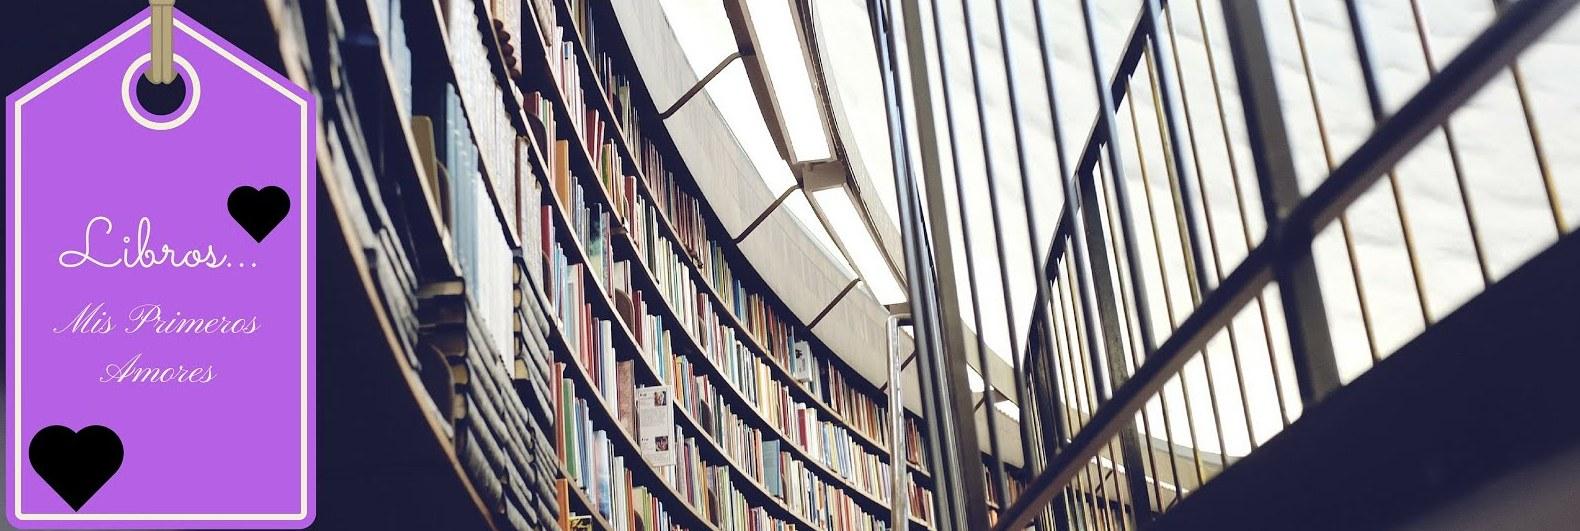 Libros....Mis primeros amores!!